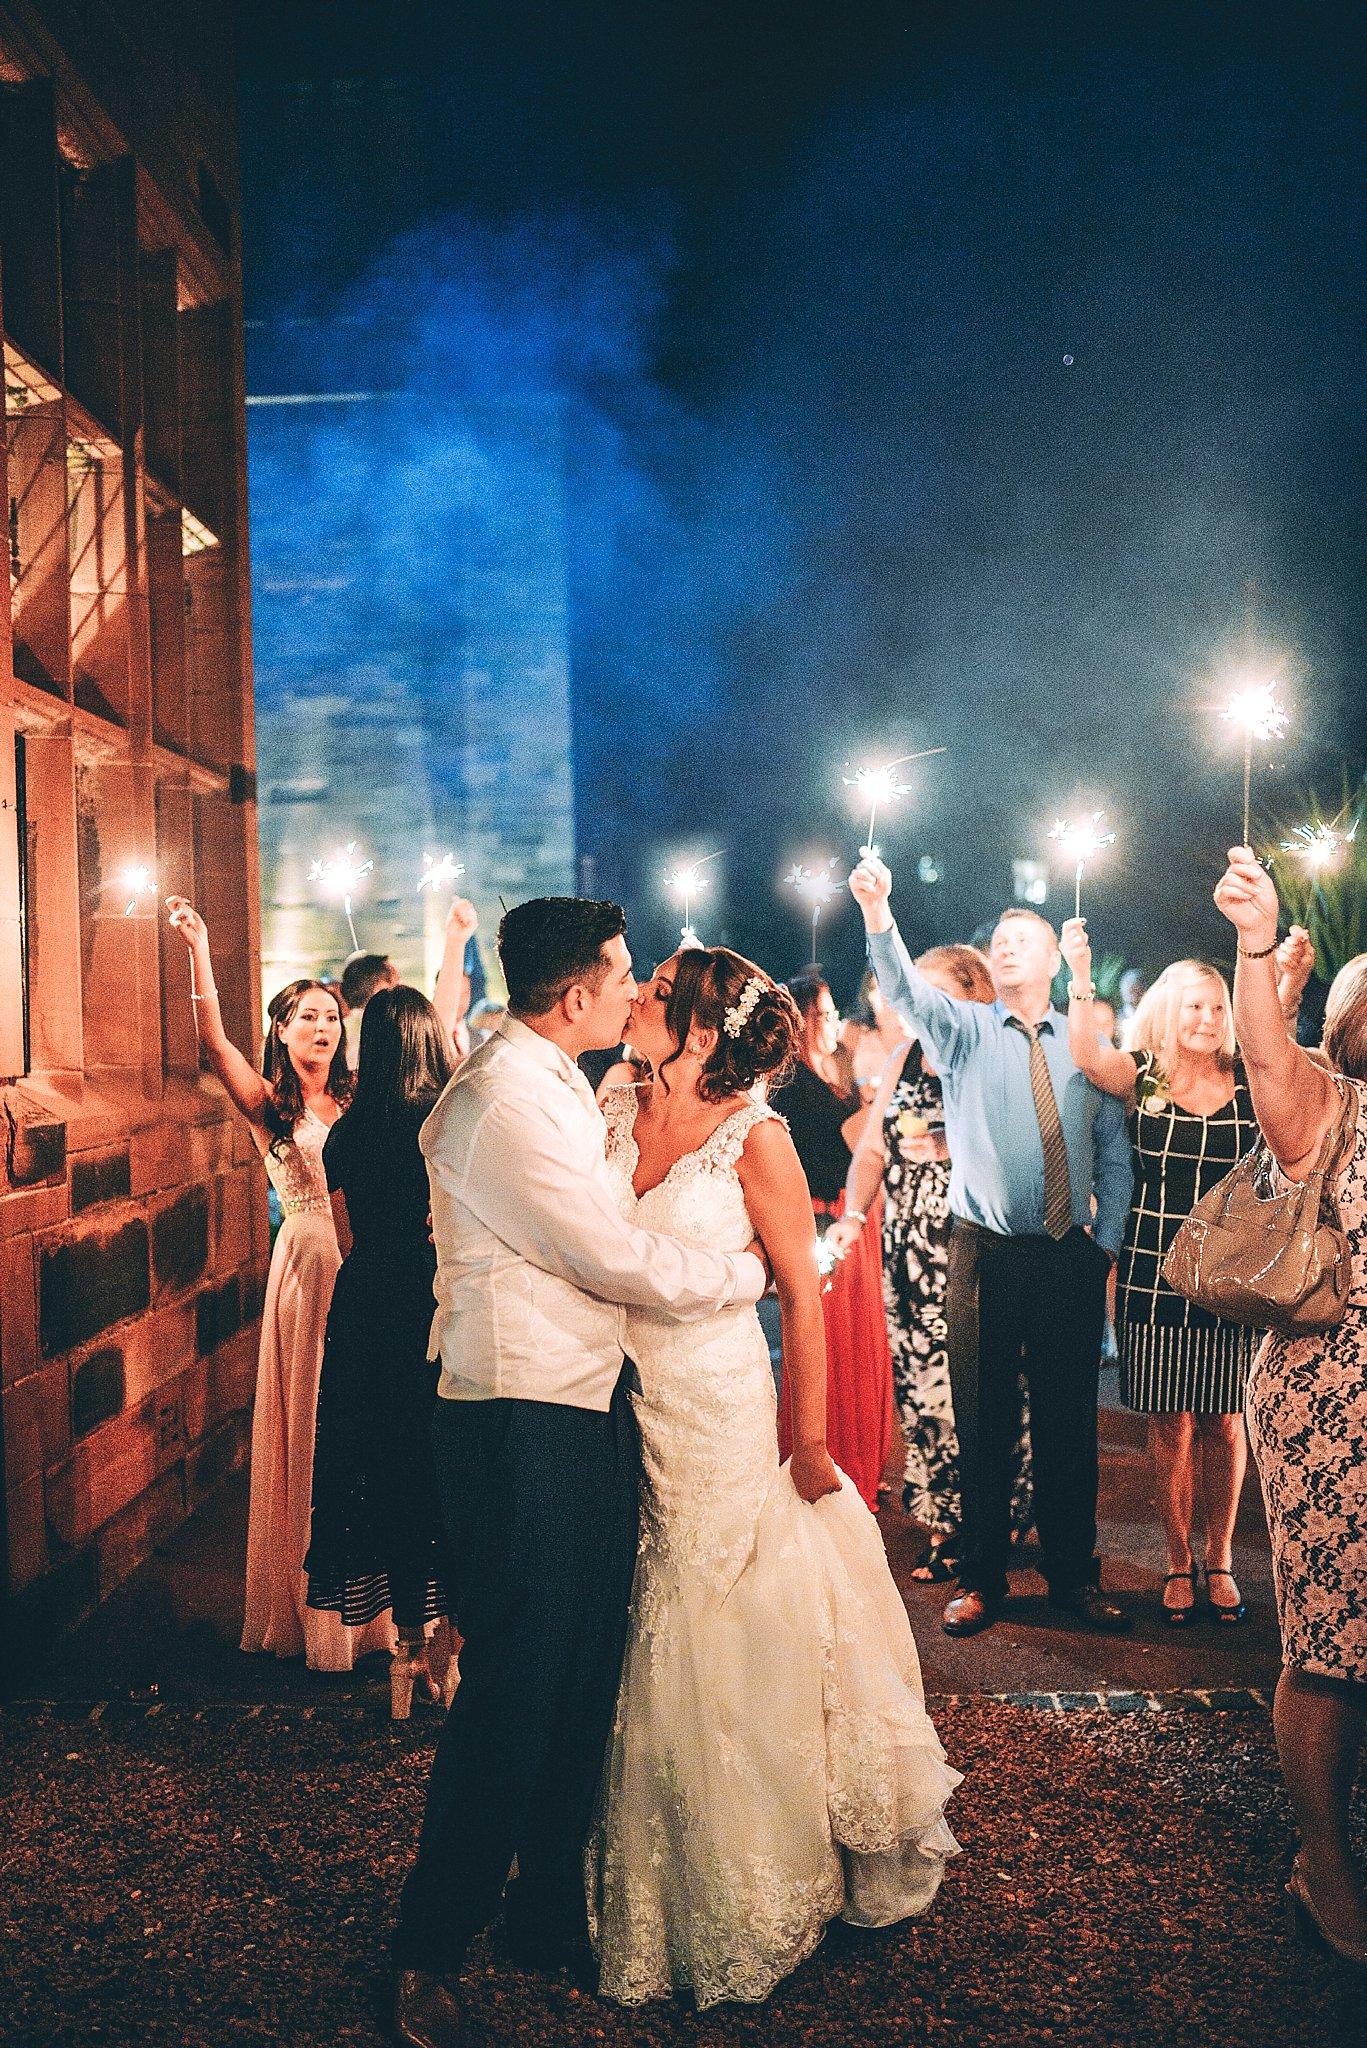 Wedding couple evening celebration